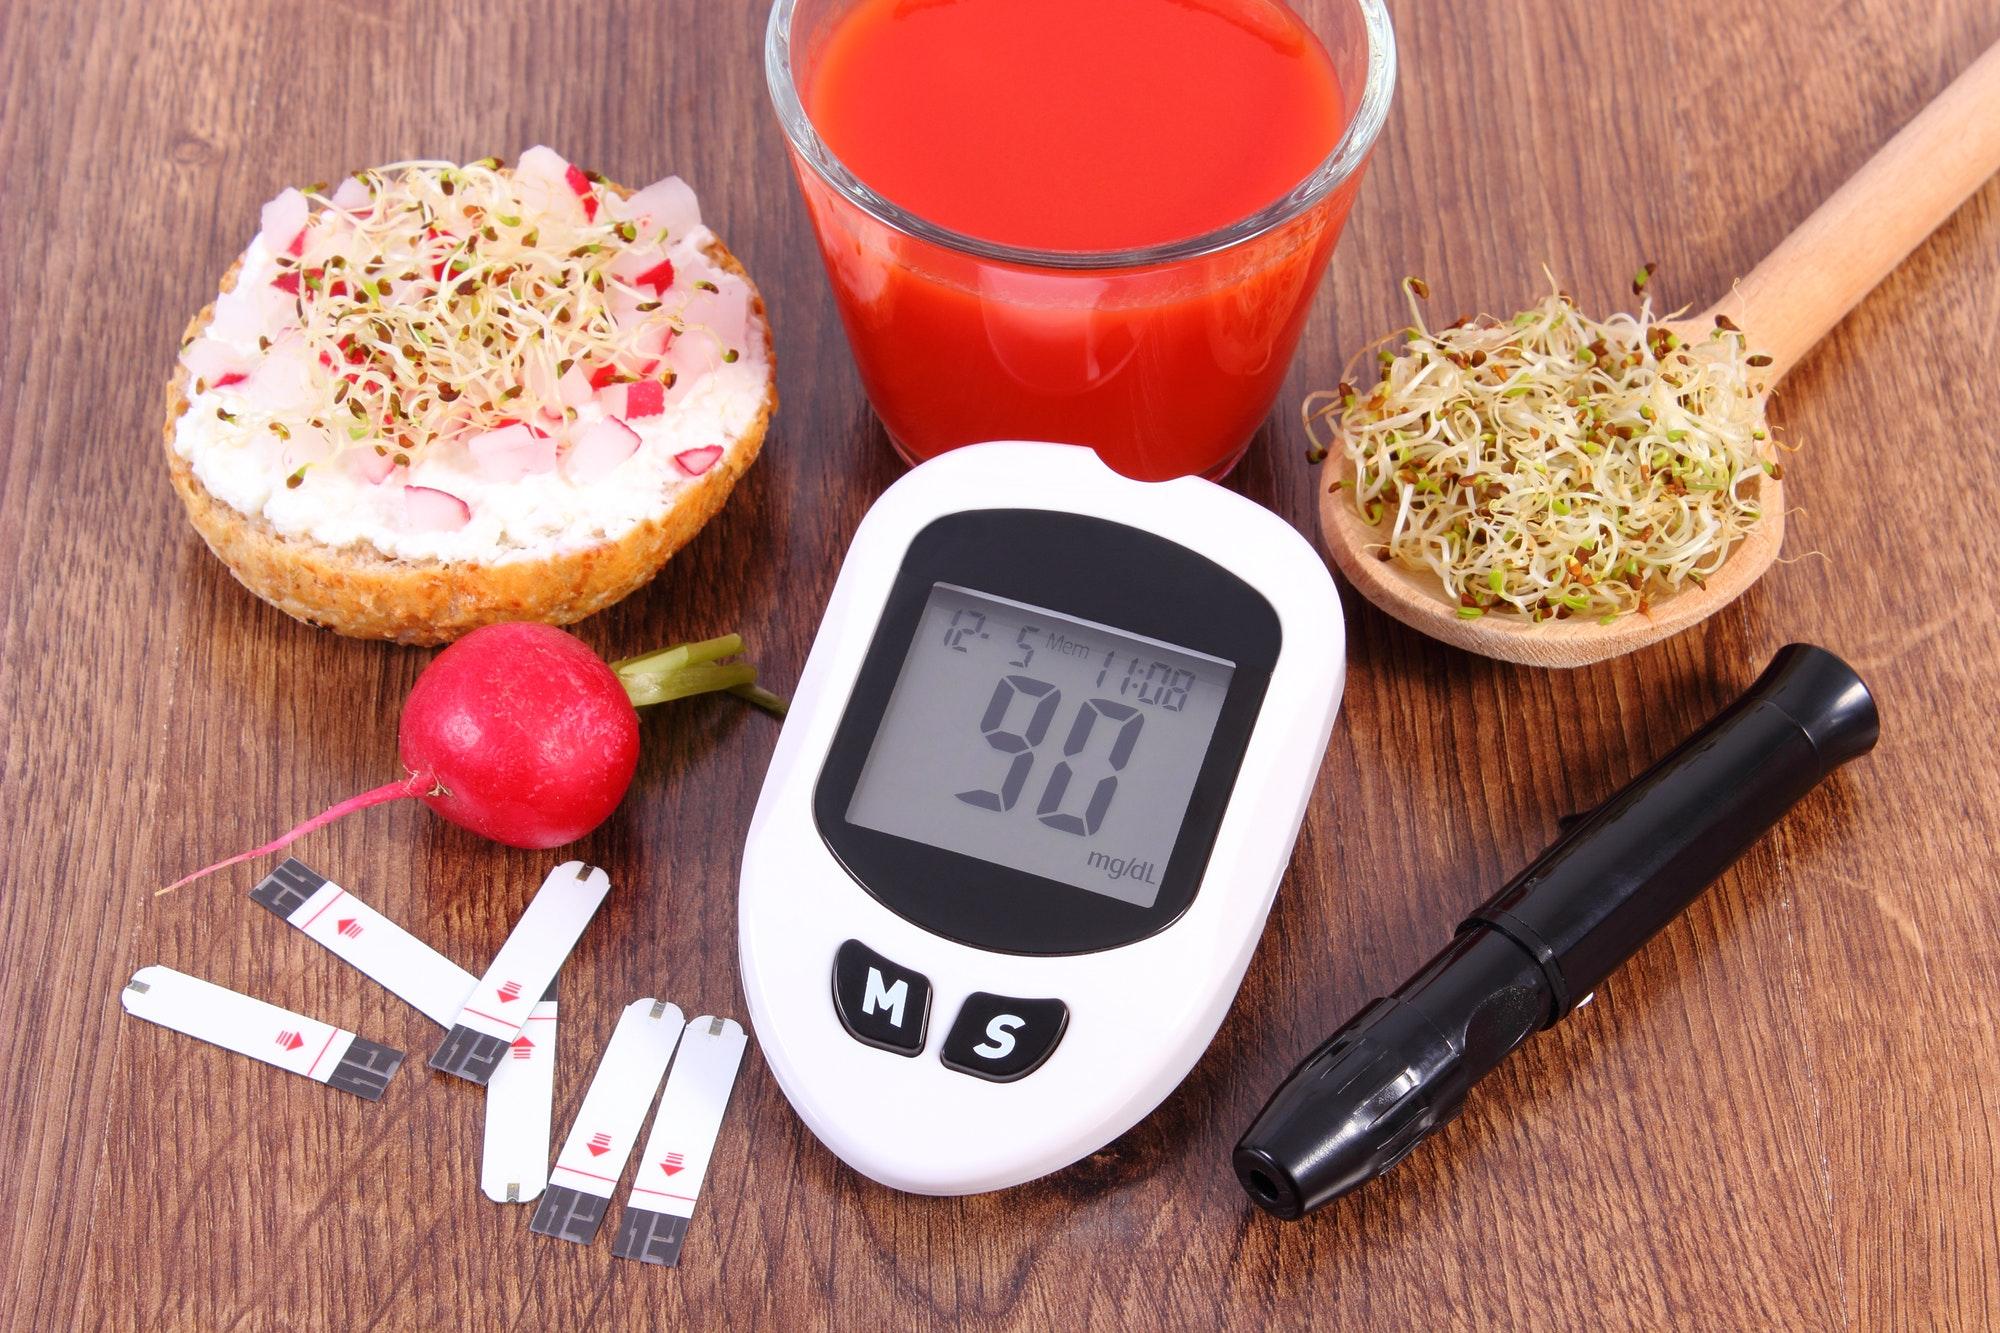 Cara Mengatasi Risiko Diabetes bagi yang Punya Riwayat Keturunan Penderita